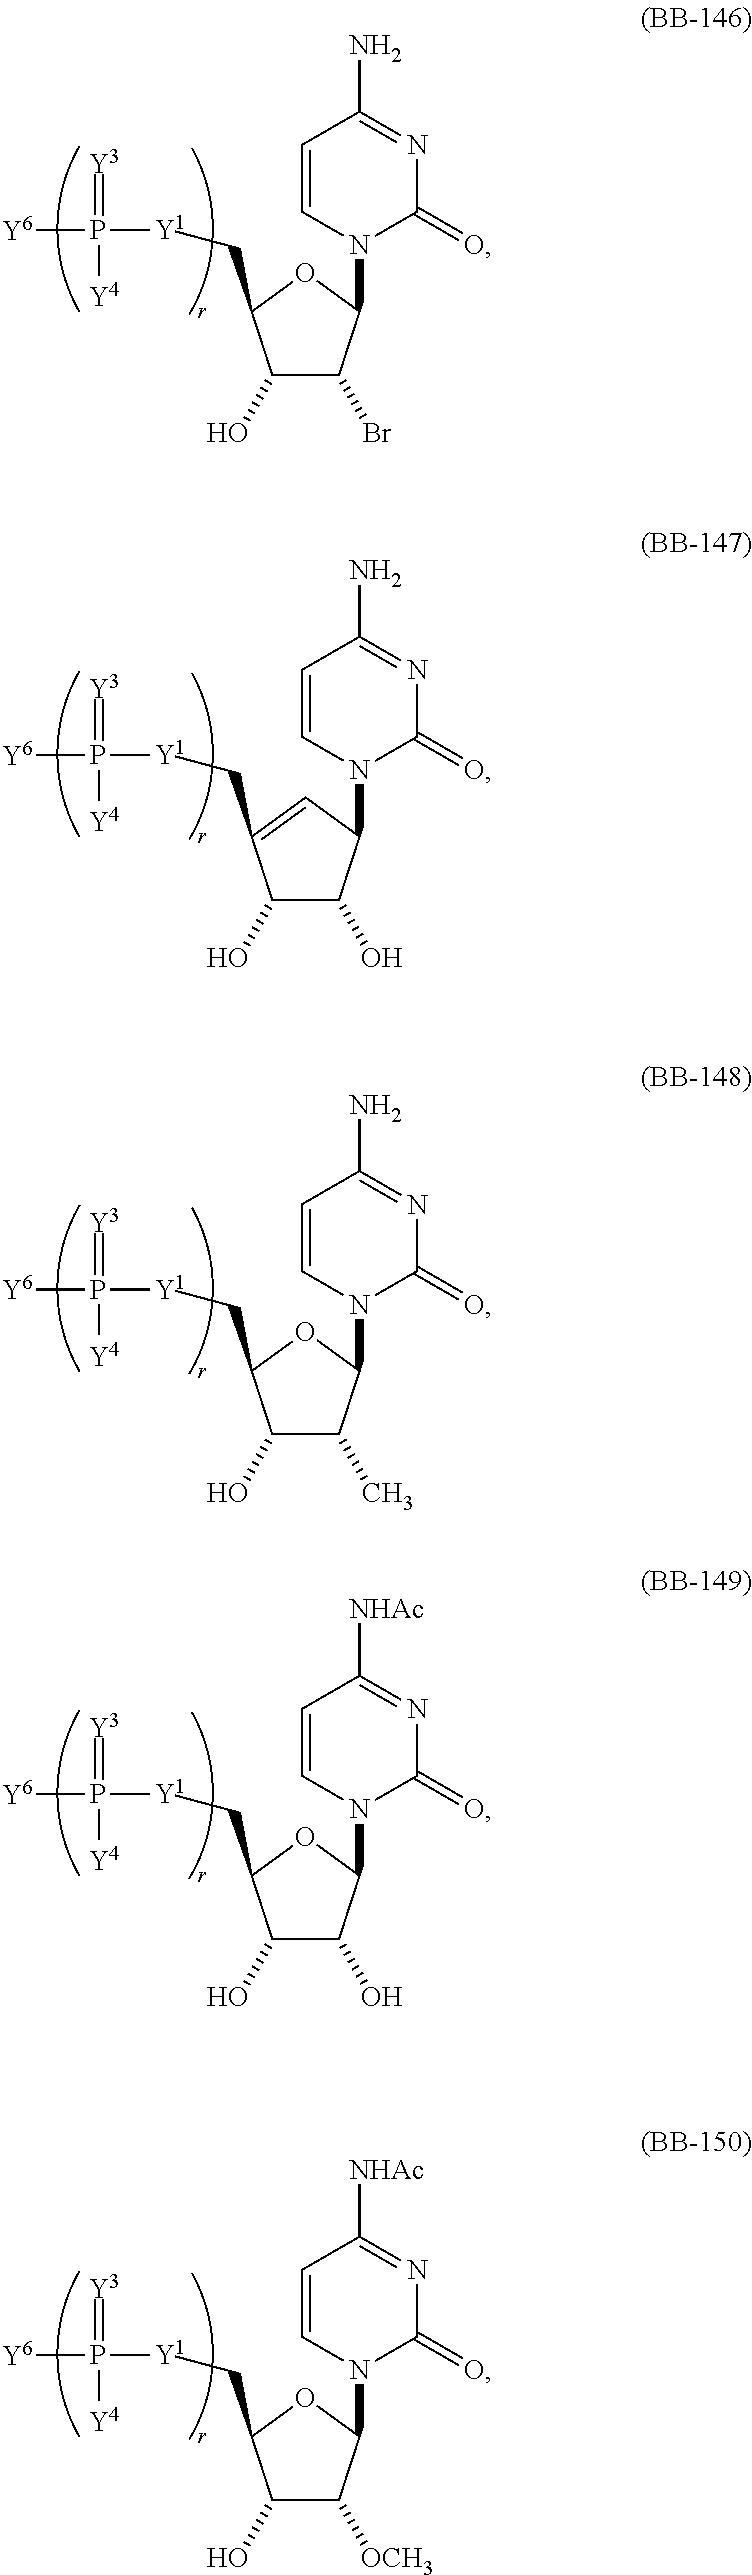 Figure US20150064235A1-20150305-C00061